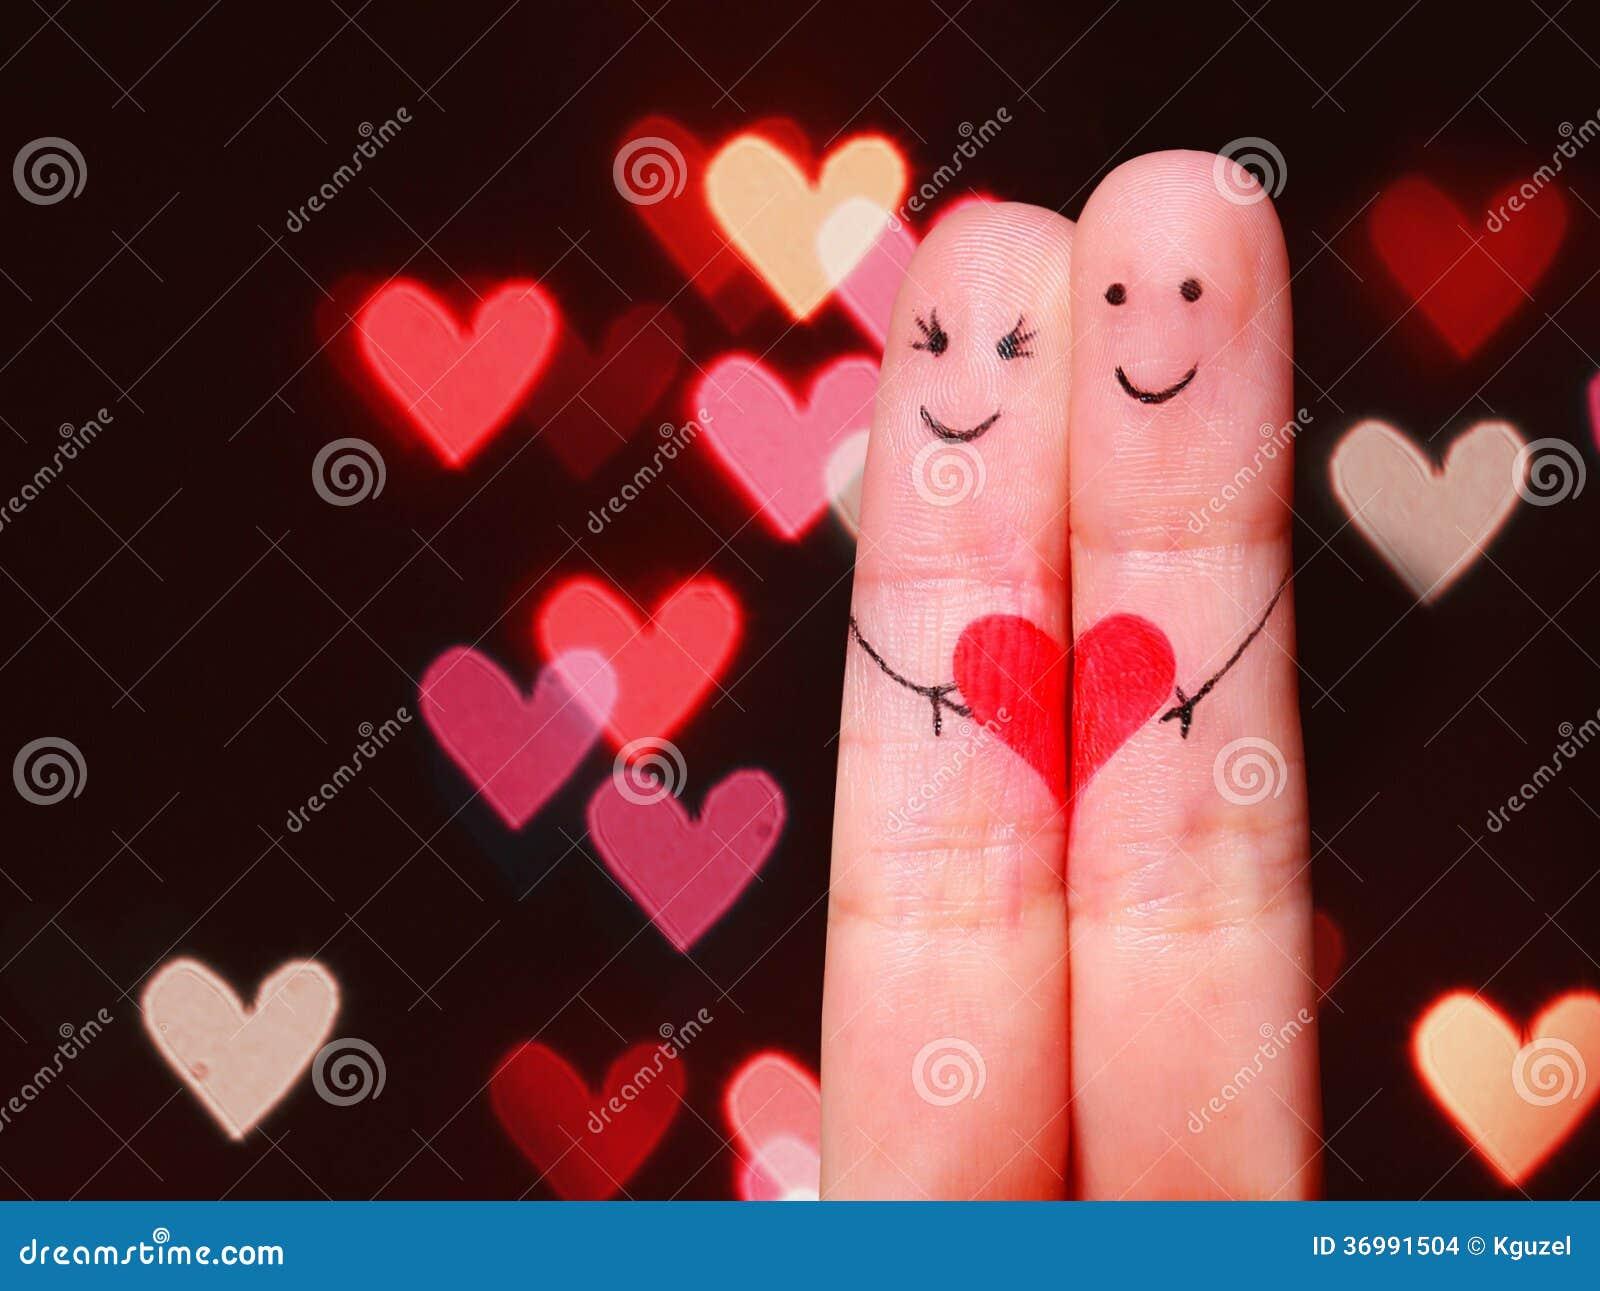 Ευτυχής έννοια ζεύγους. Δύο δάχτυλα ερωτευμένα με το χρωματισμένο smiley